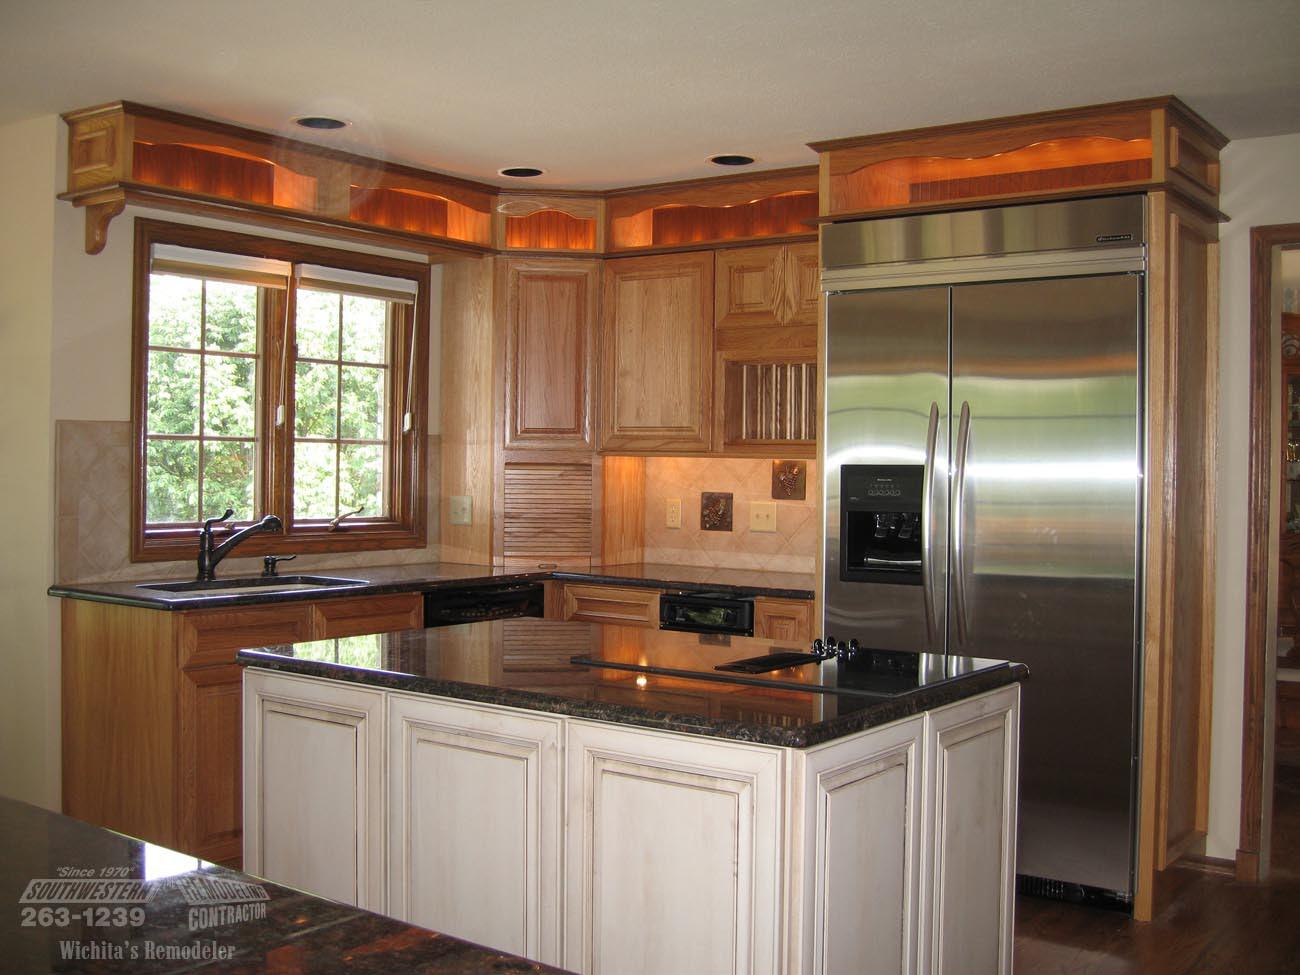 Amazing Kitchen Renovations | HGTV